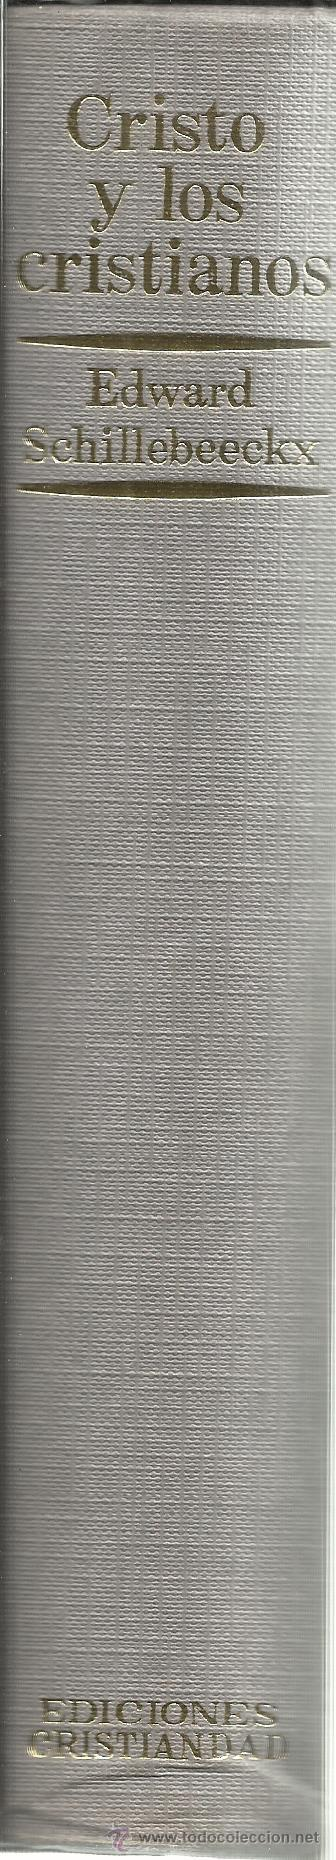 Libros de segunda mano: CRISTO Y LOS CRISTIANOS. EDWARD SCHILLEBEECKX. EDICIONES CRISTIANDAD. MADRID. 1982 - Foto 3 - 41842866